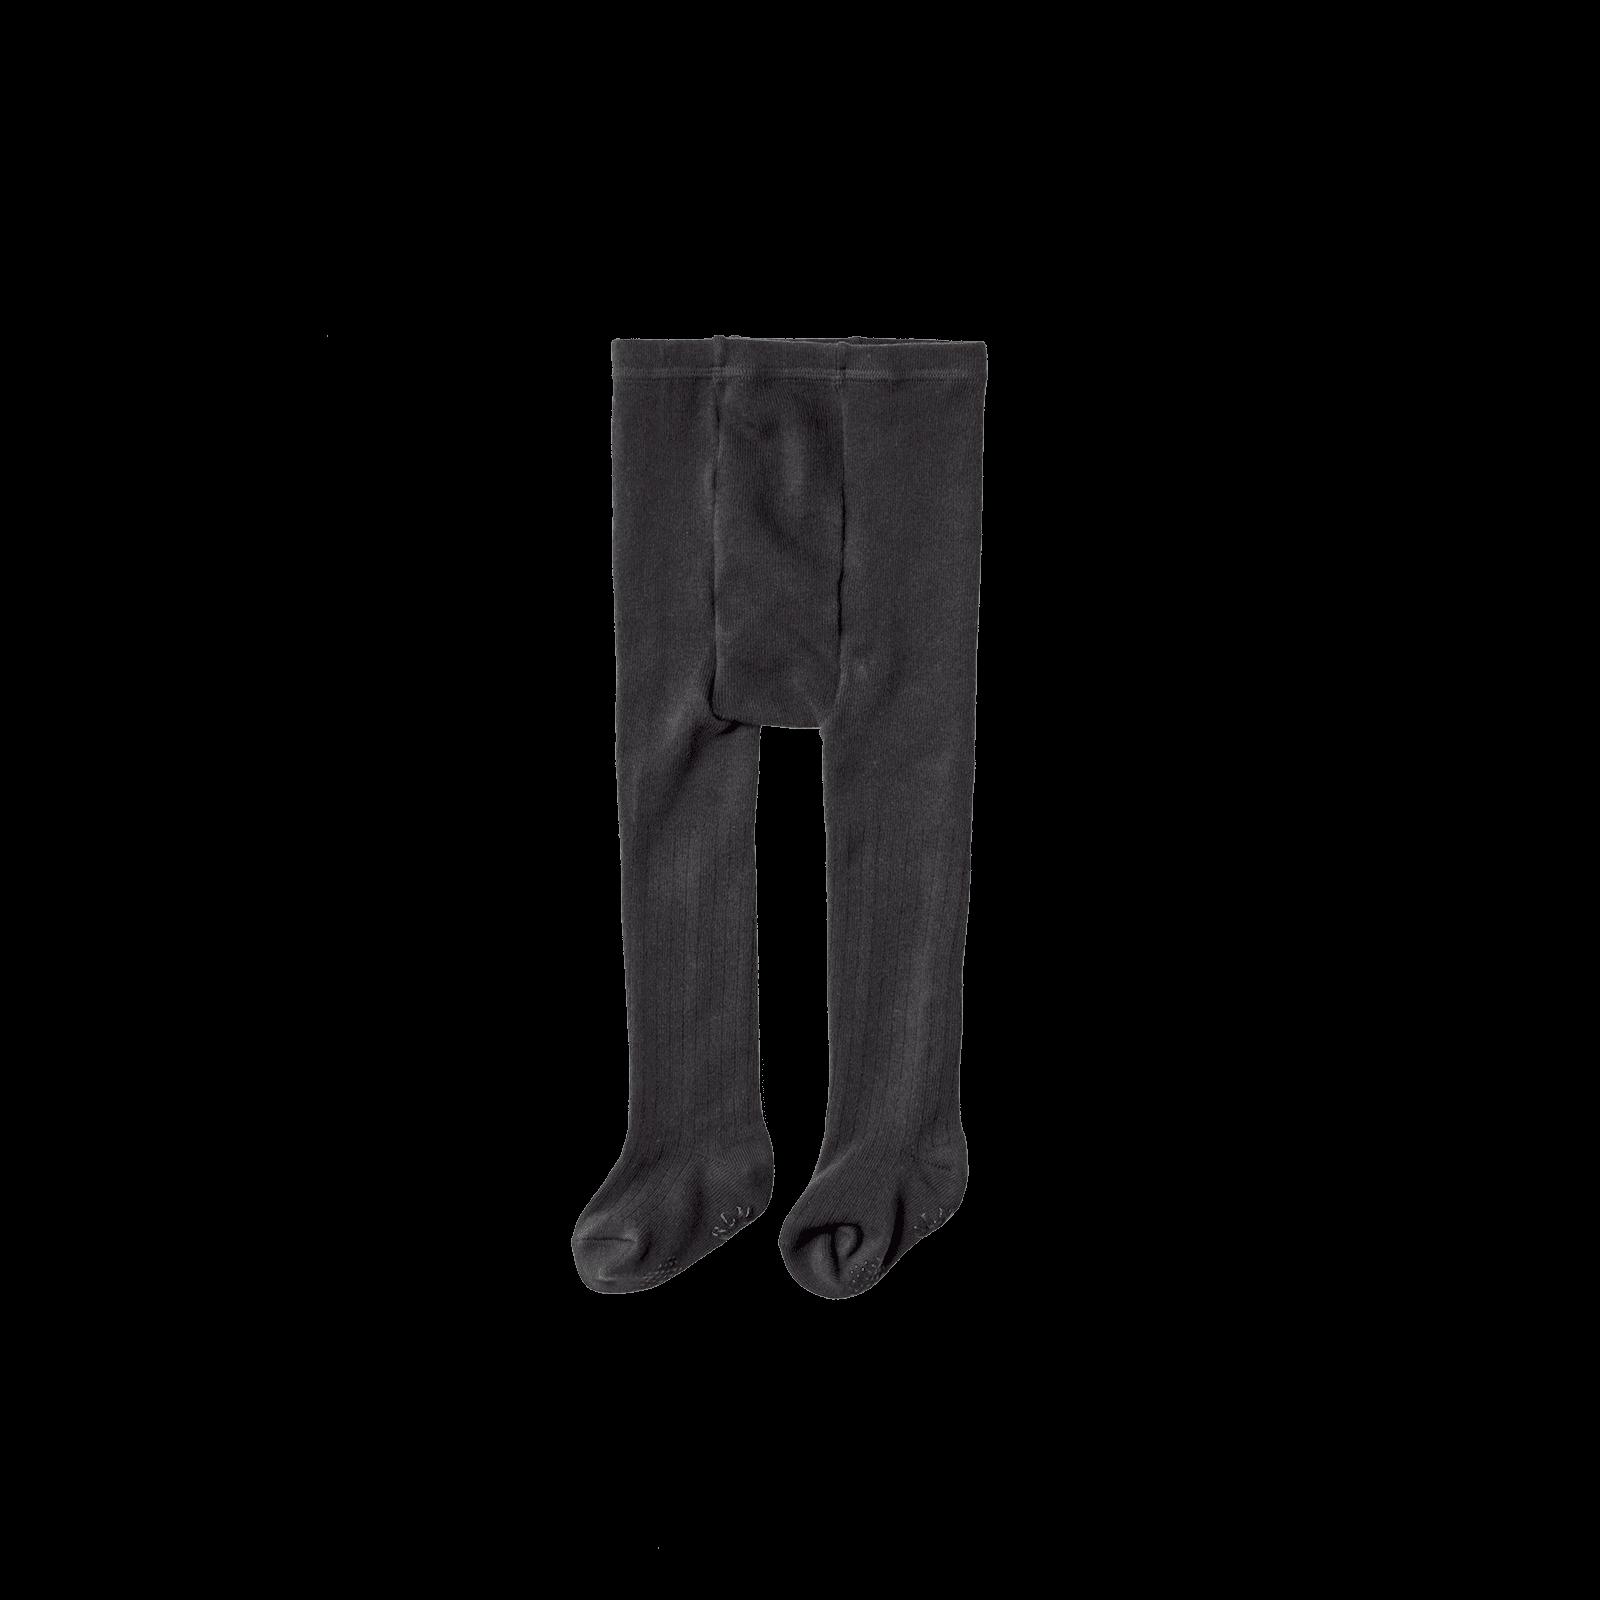 マールマール 男の子用、6ヶ月~12ヶ月 tights 6 charcoal